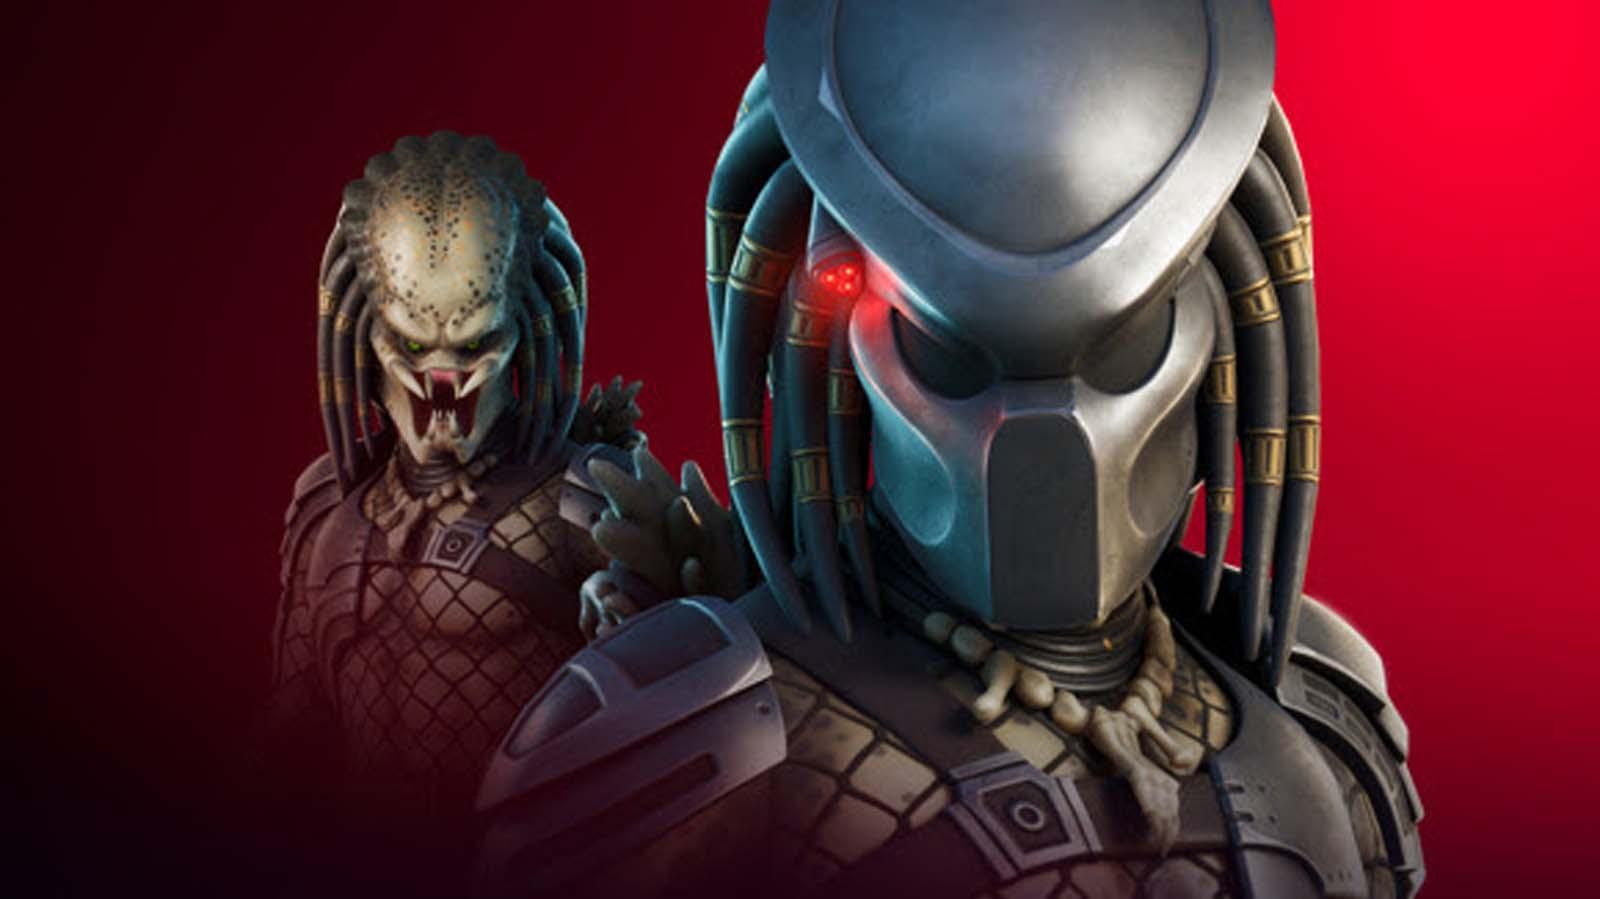 Predator Joins The Fortnite Chapter 2 Season 5 Battle Pass